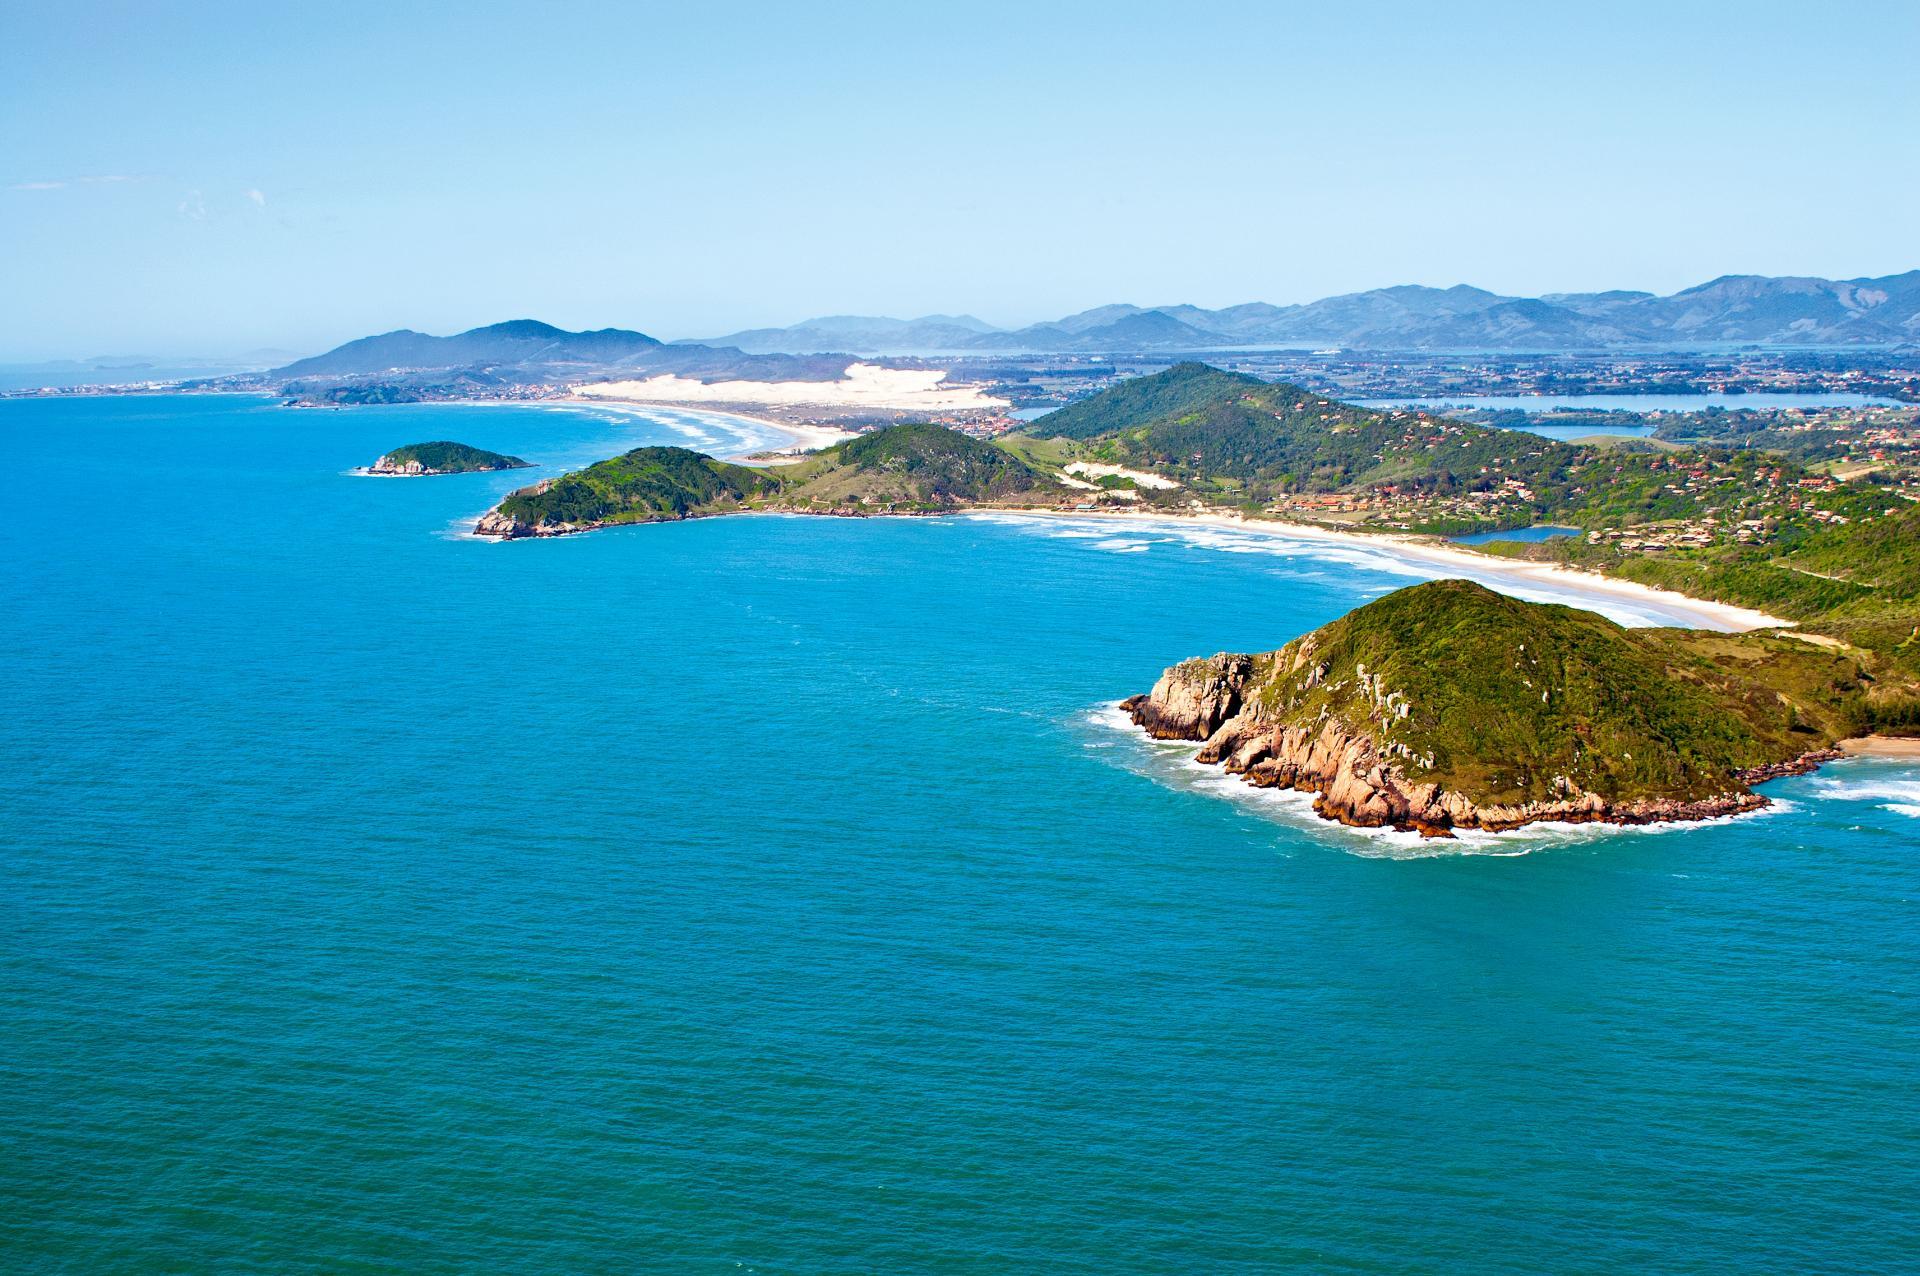 Blick aus der Luft auf die Praia do Rosa